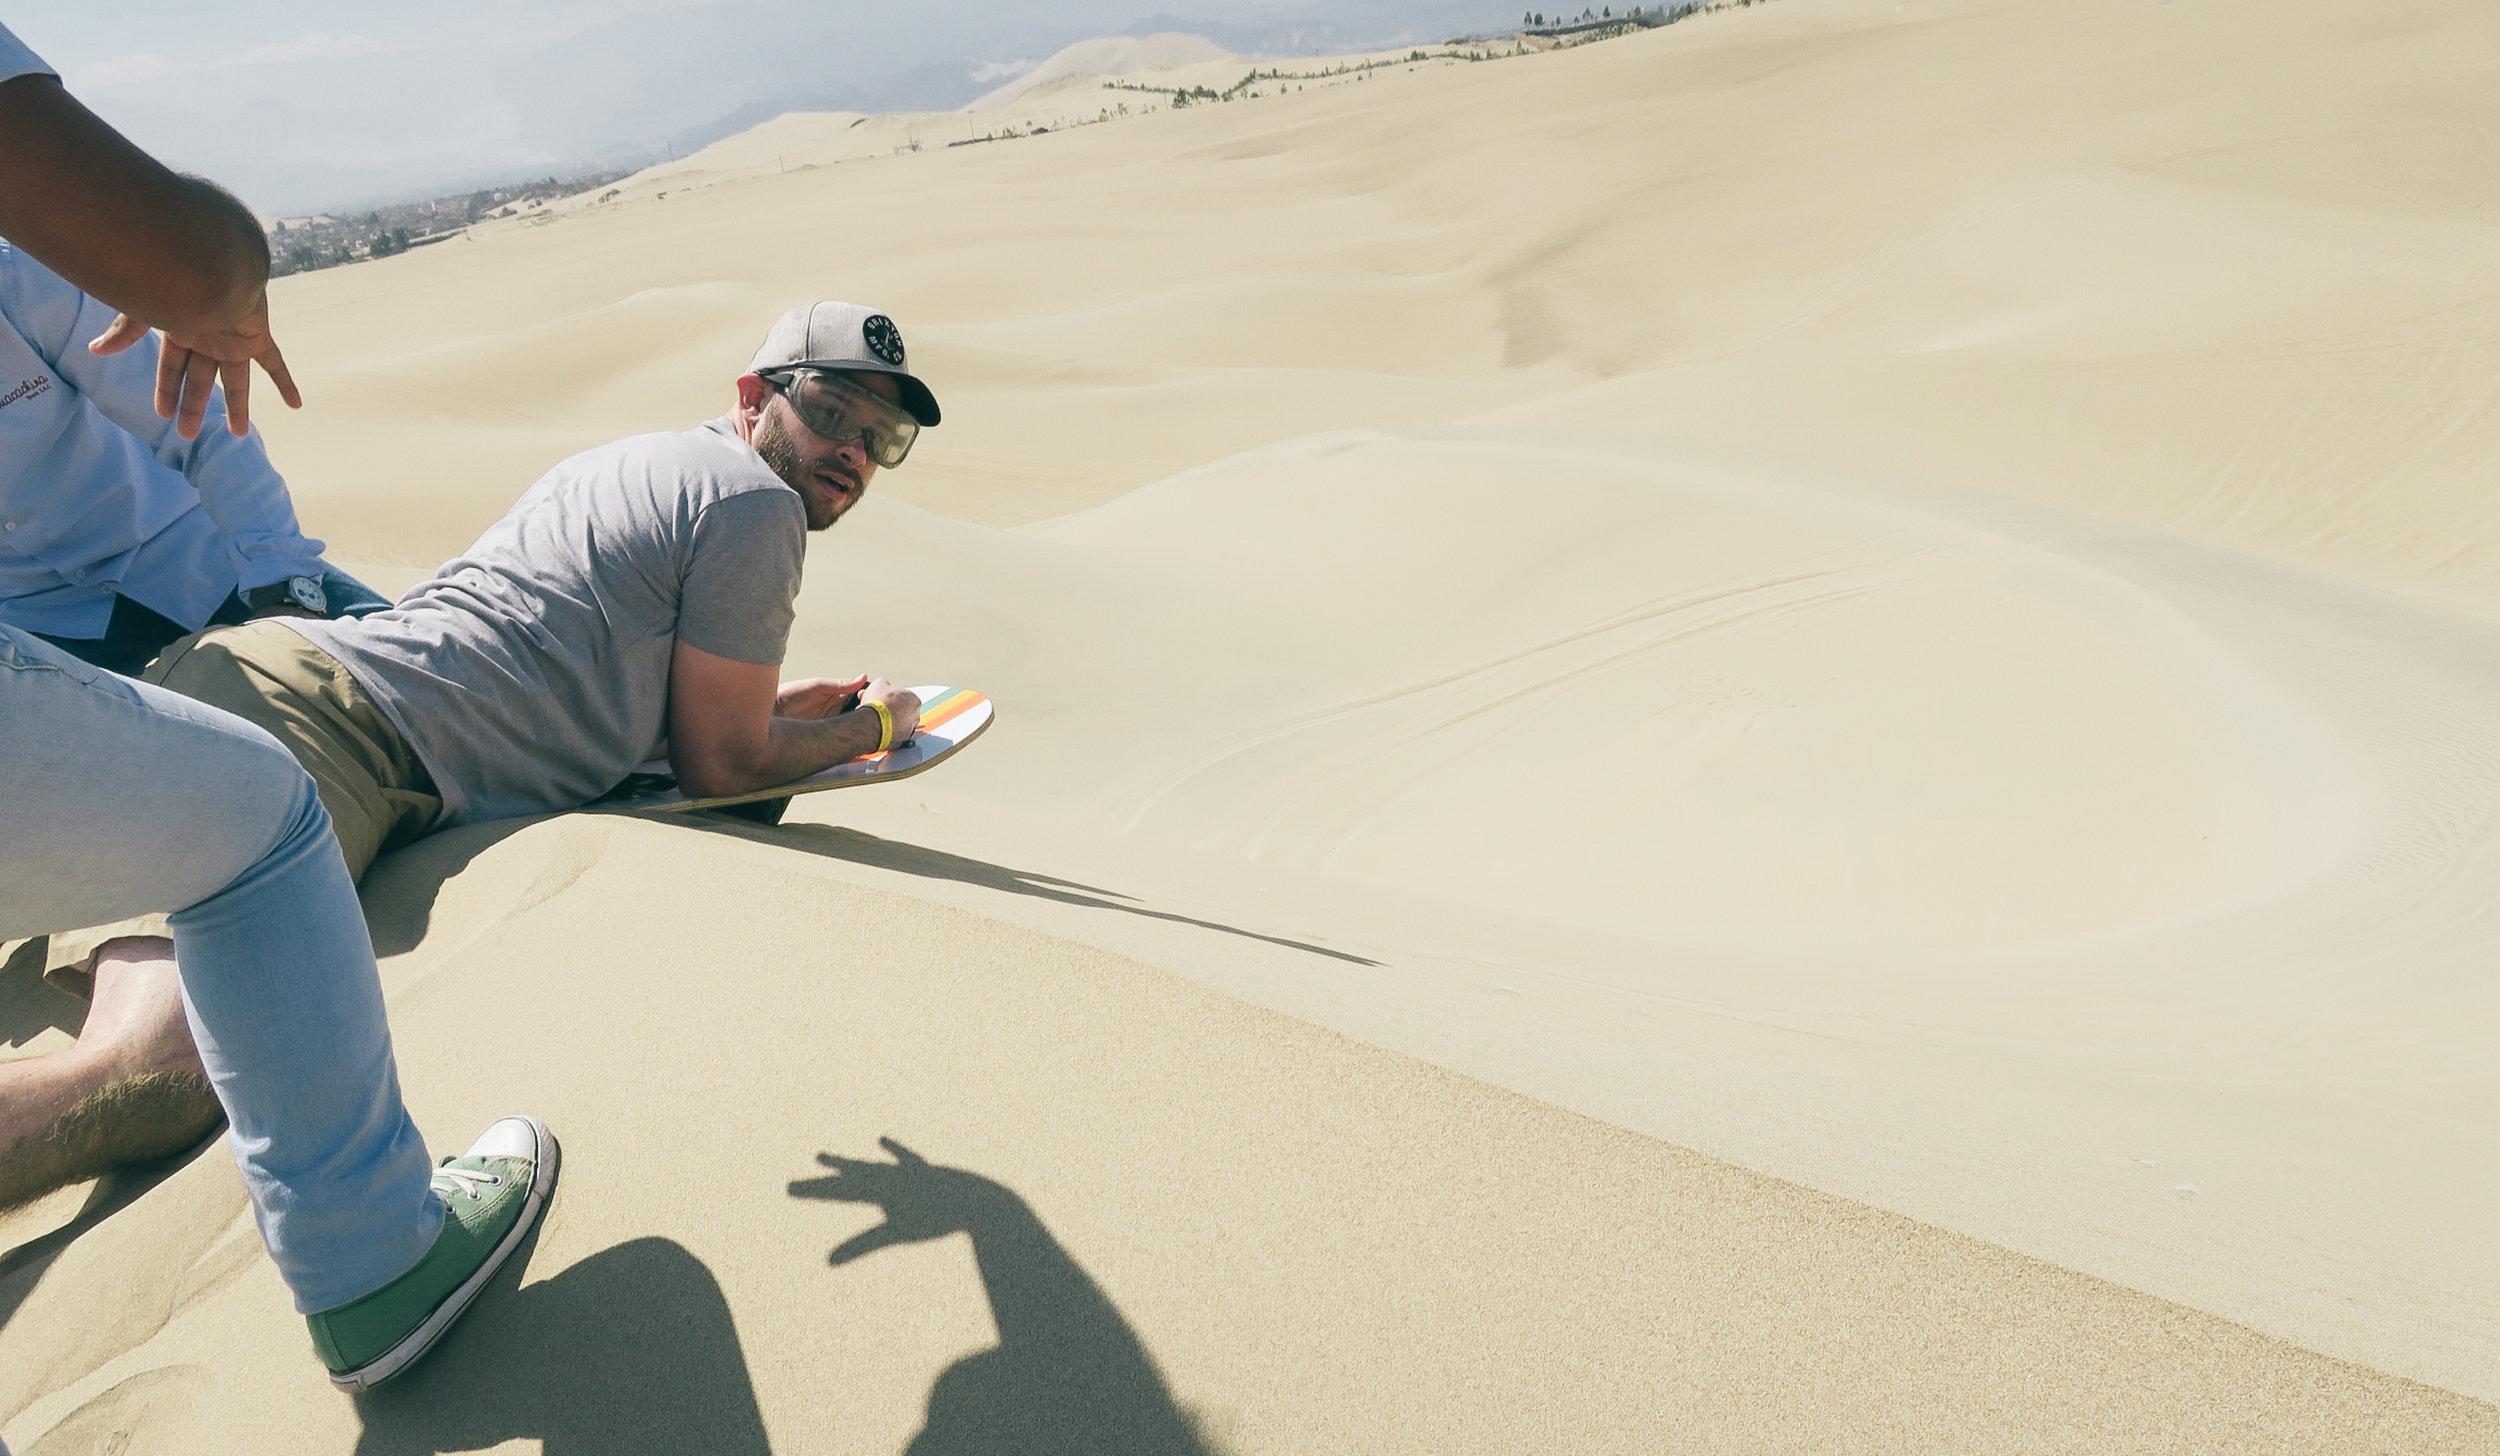 huacachina+sand+boarding+peru+travel+guide+life+on+pine+blog +exchange_IMG_2062.jpg